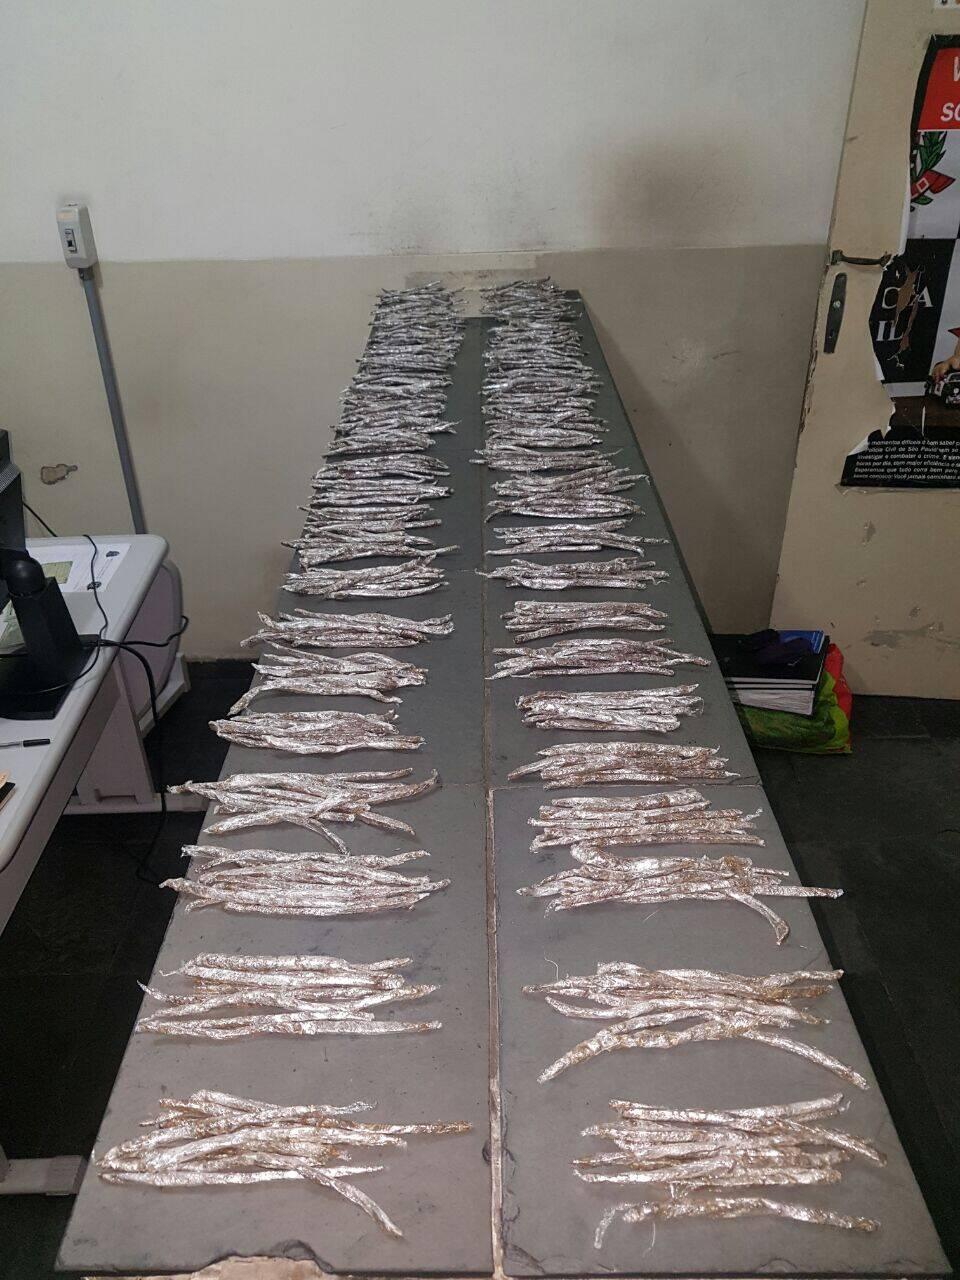 Operação em São Vicente: Maconha pronta para ser vendida. Foto: PM Divulgação